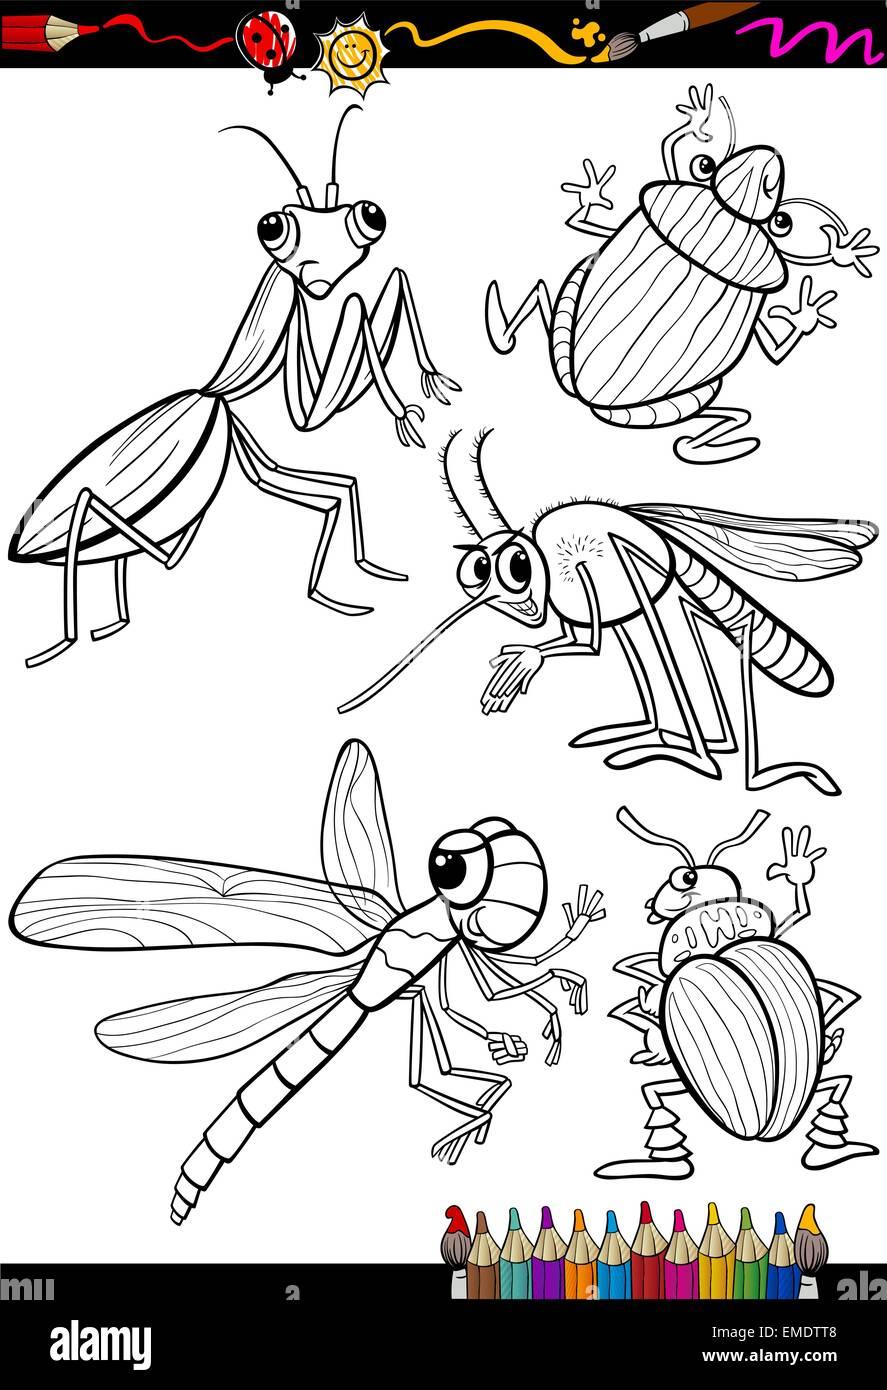 Cartoon Insectos Para Colorear Ilustración Del Vector Imagen